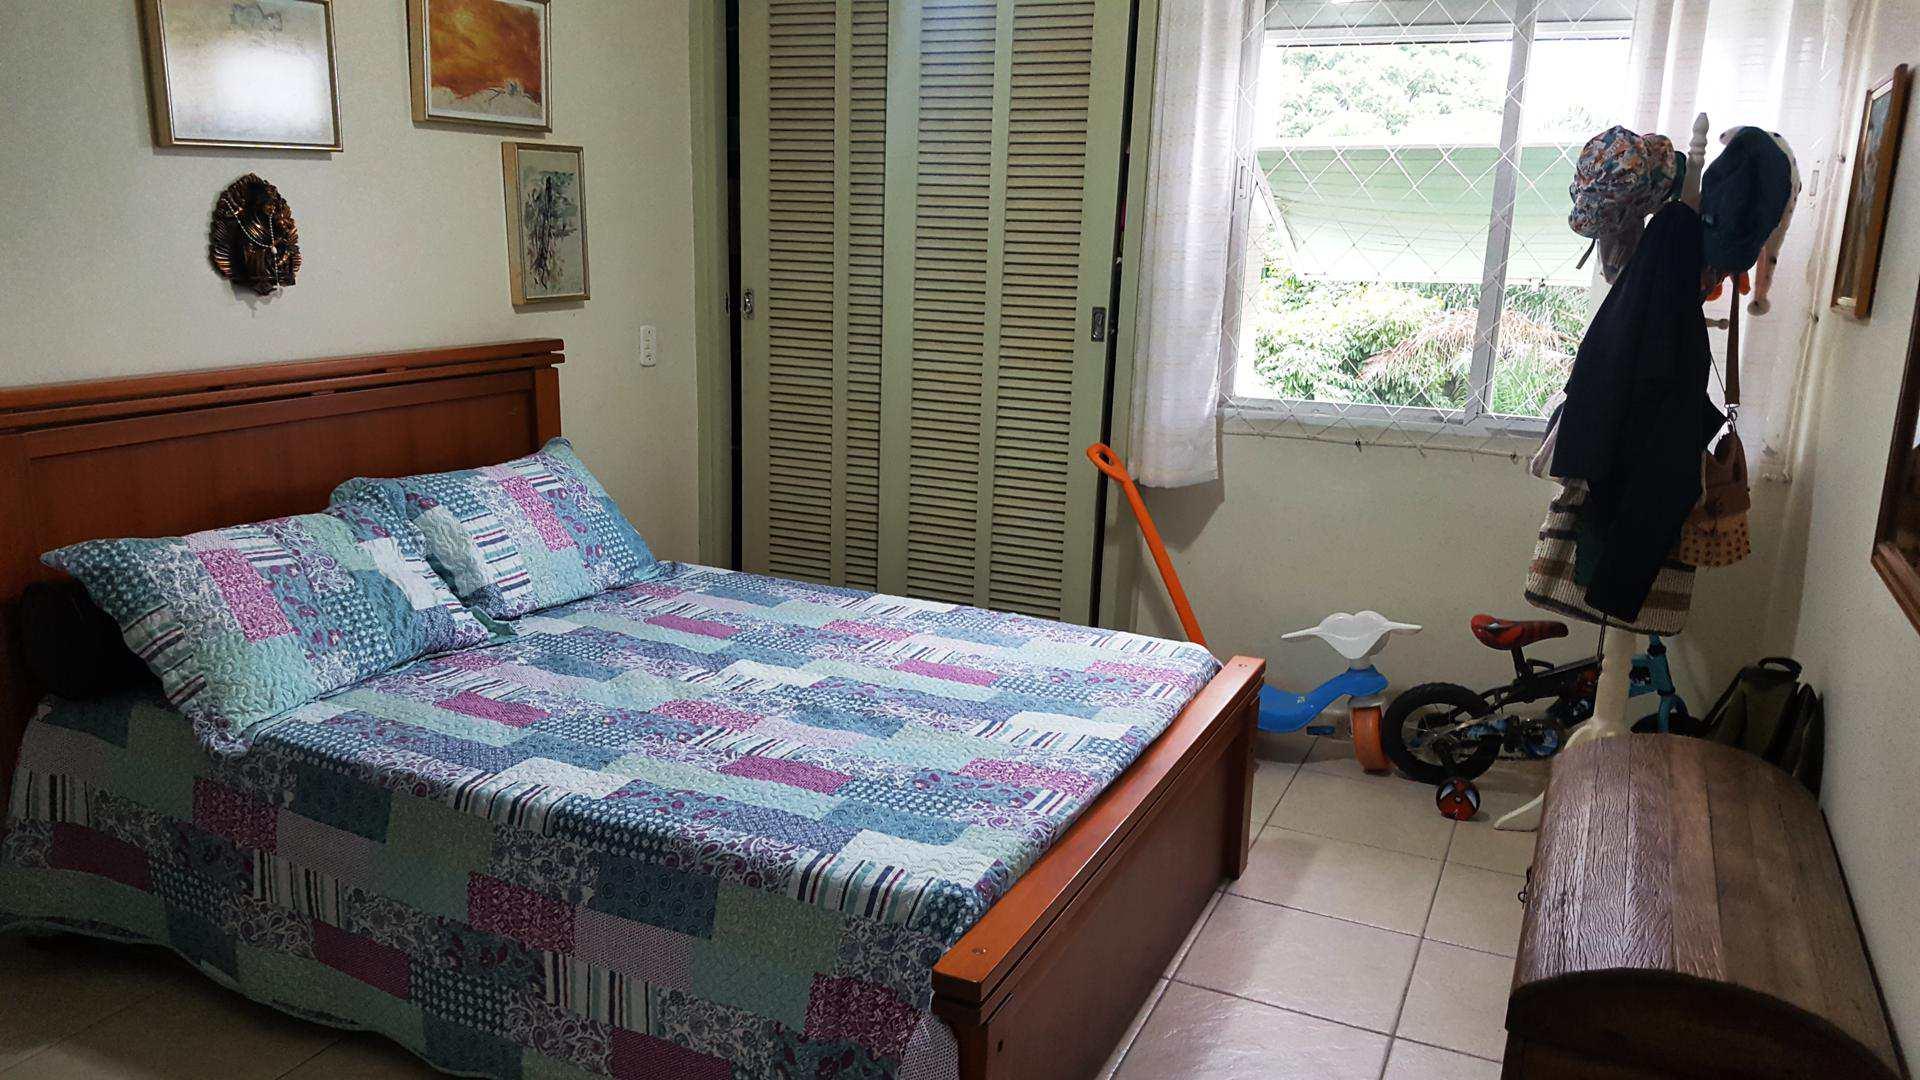 H - dorm 1 (1)